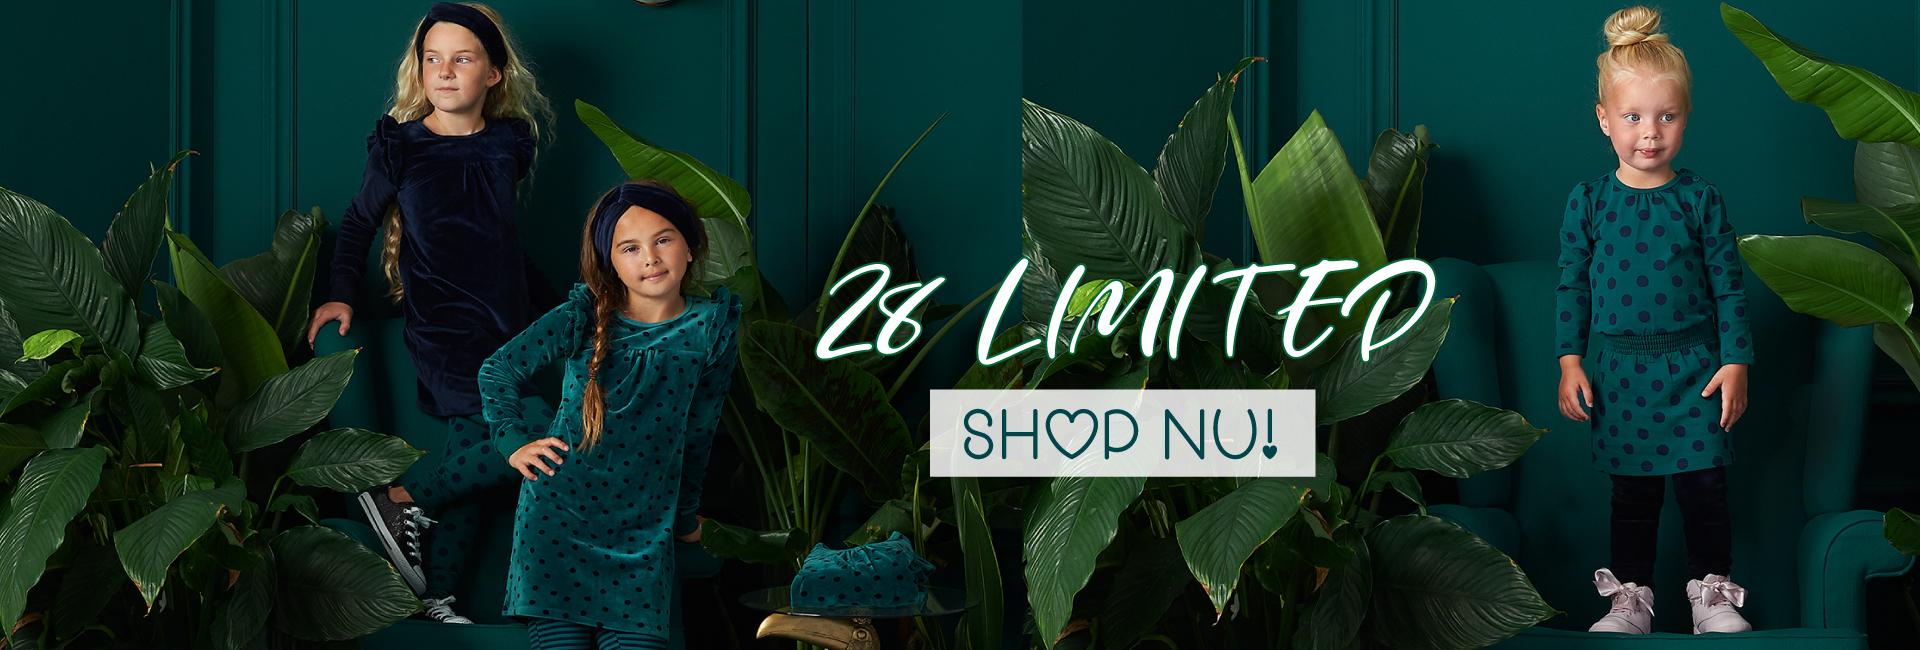 Z8 limited velvet